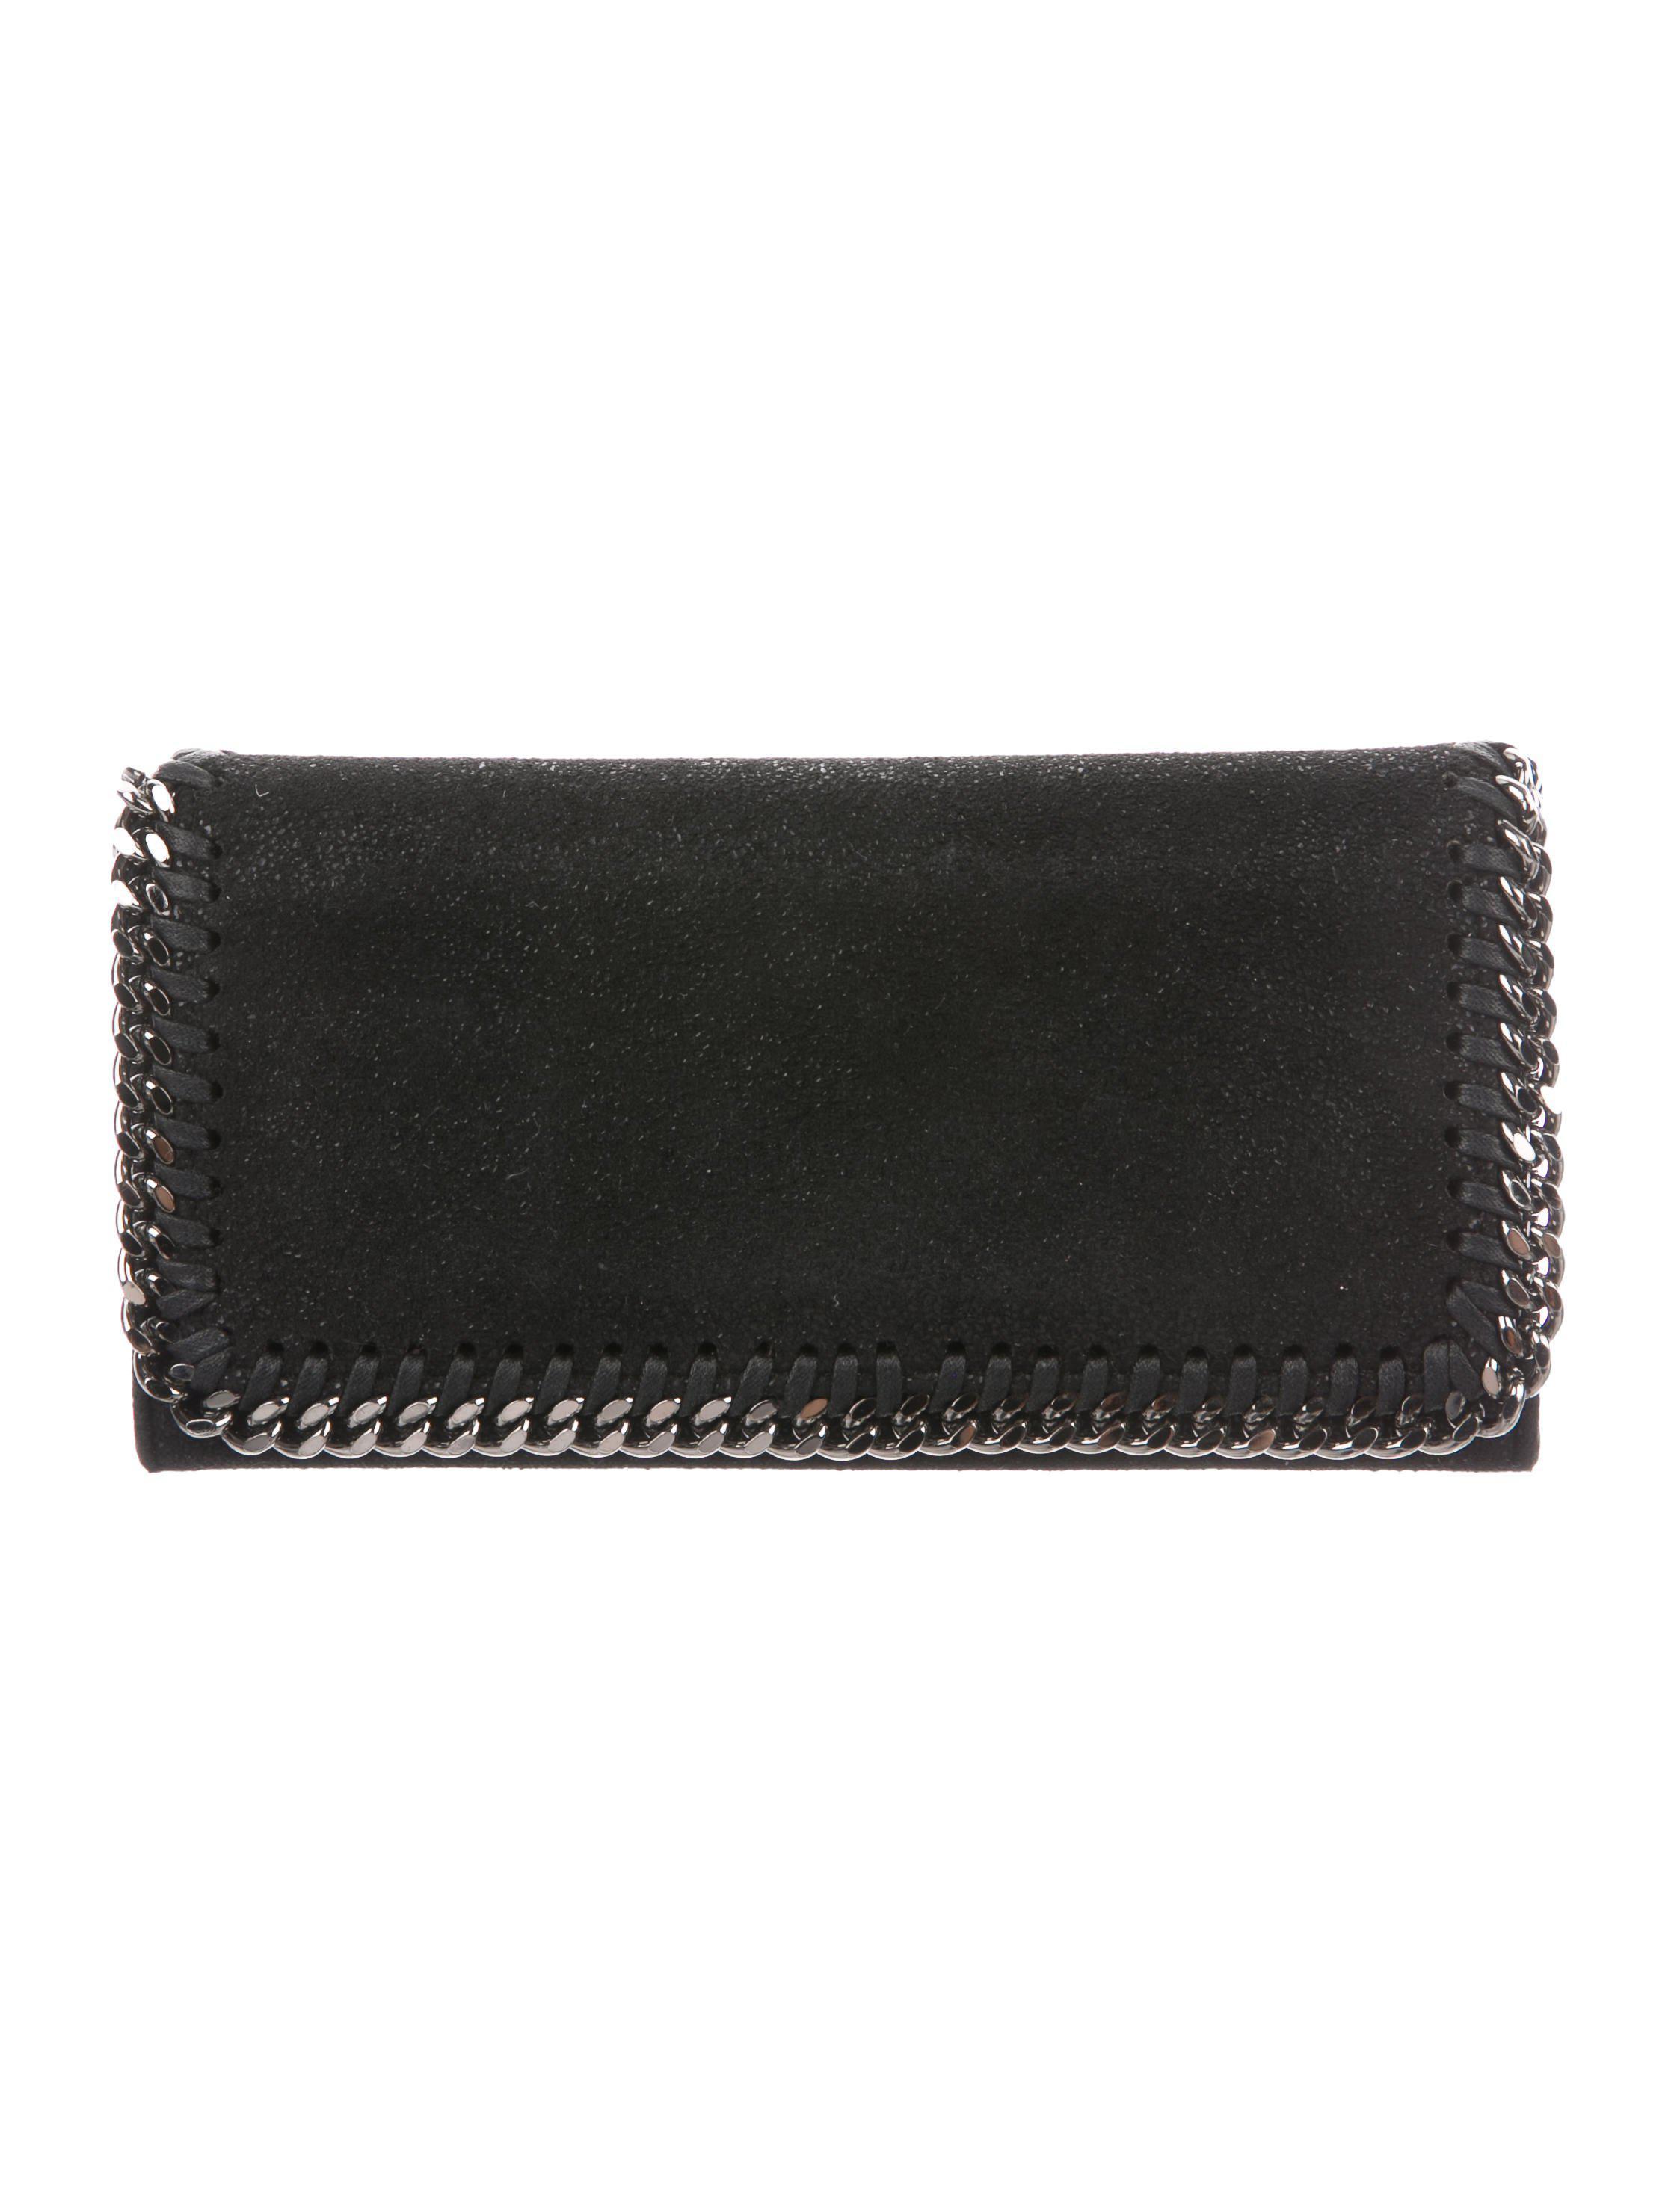 974b00744c1f Lyst - Stella Mccartney Falabella Shaggy Deer Flap Wallet in Black